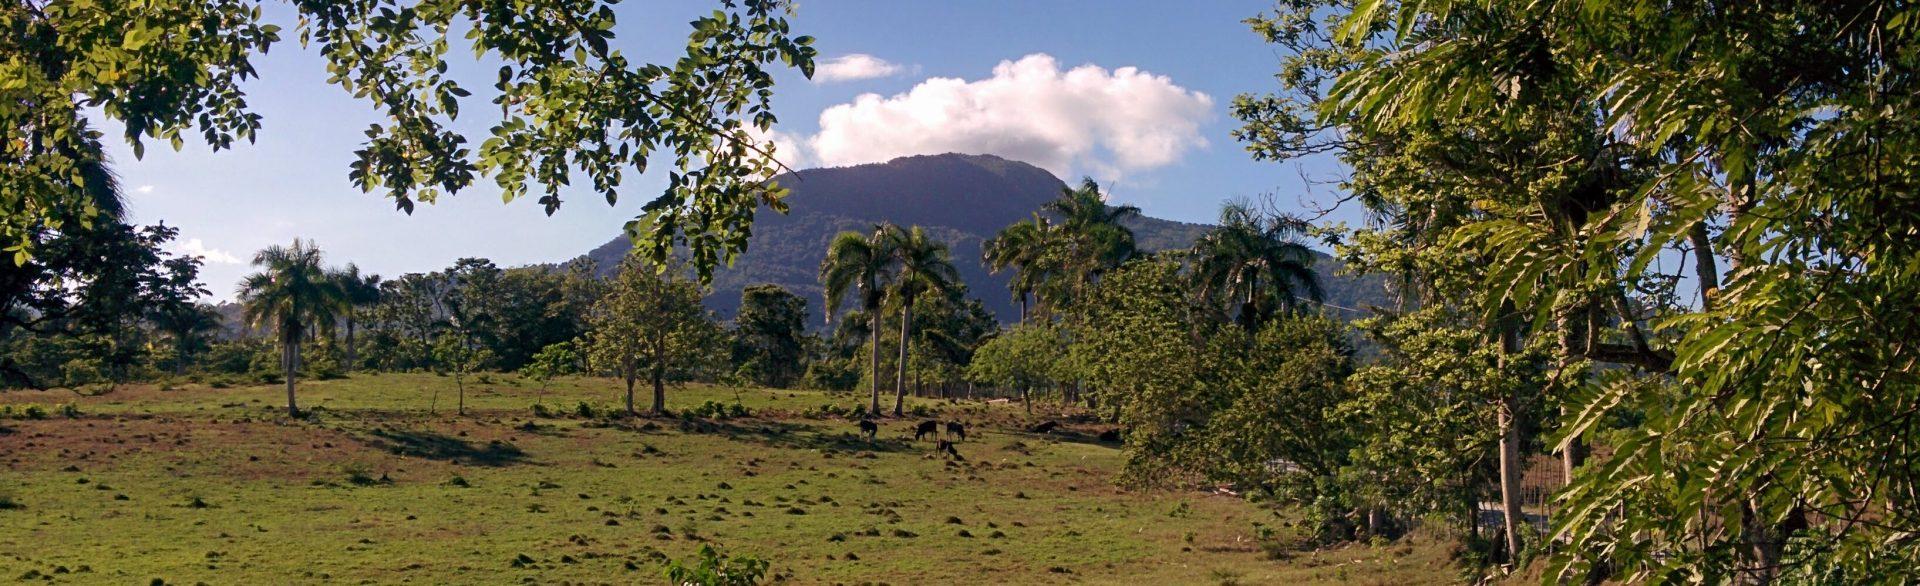 Cap sur la République Dominicaine